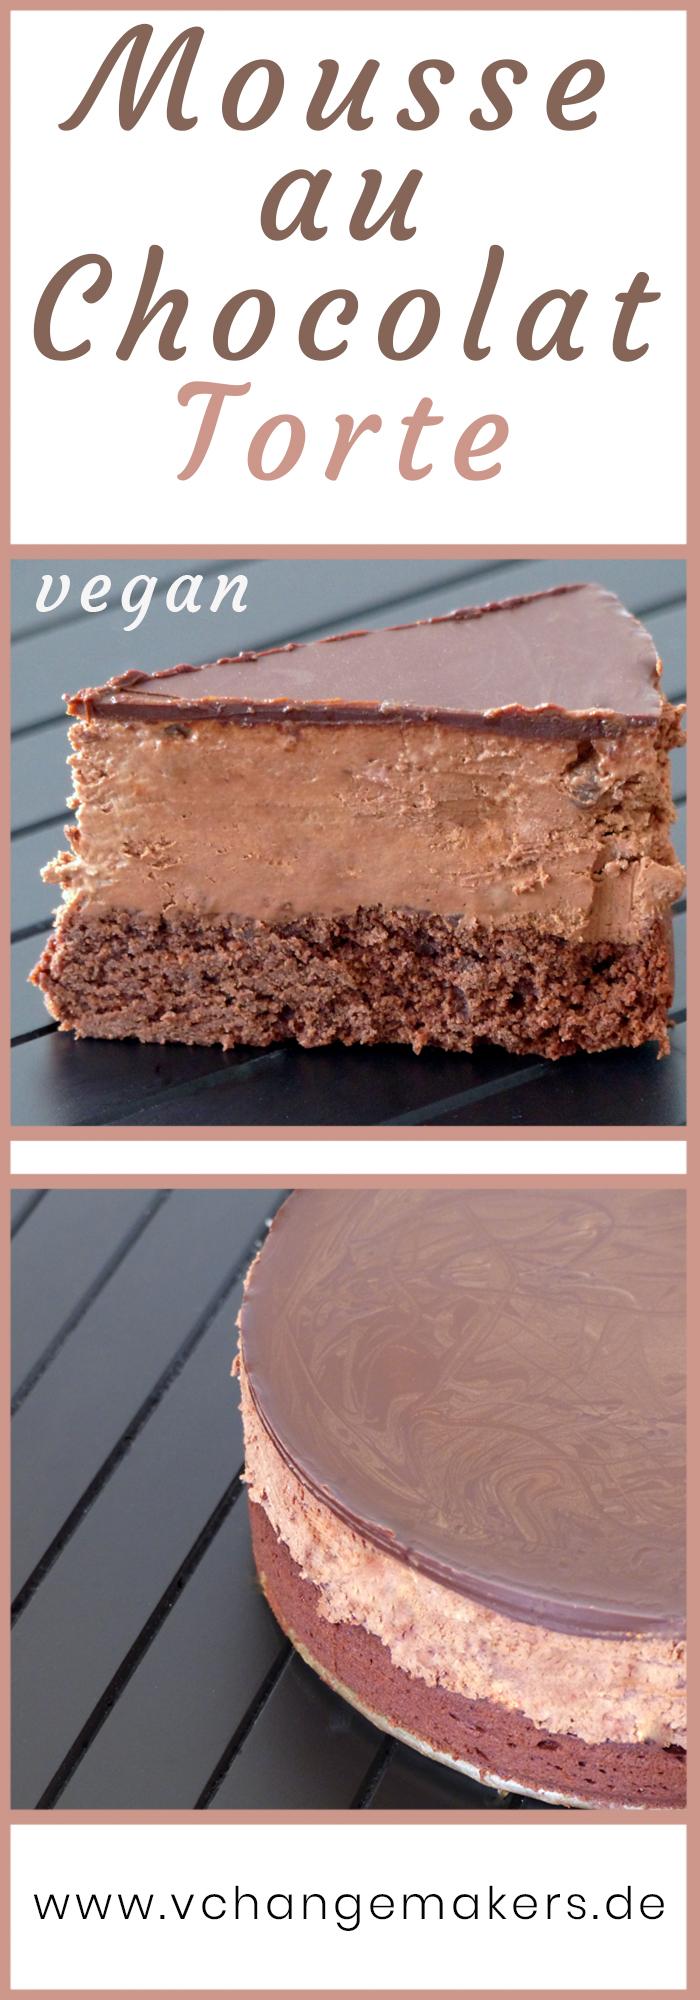 rezept mousse au chocolat torte vegan pinterest v change makers. Black Bedroom Furniture Sets. Home Design Ideas